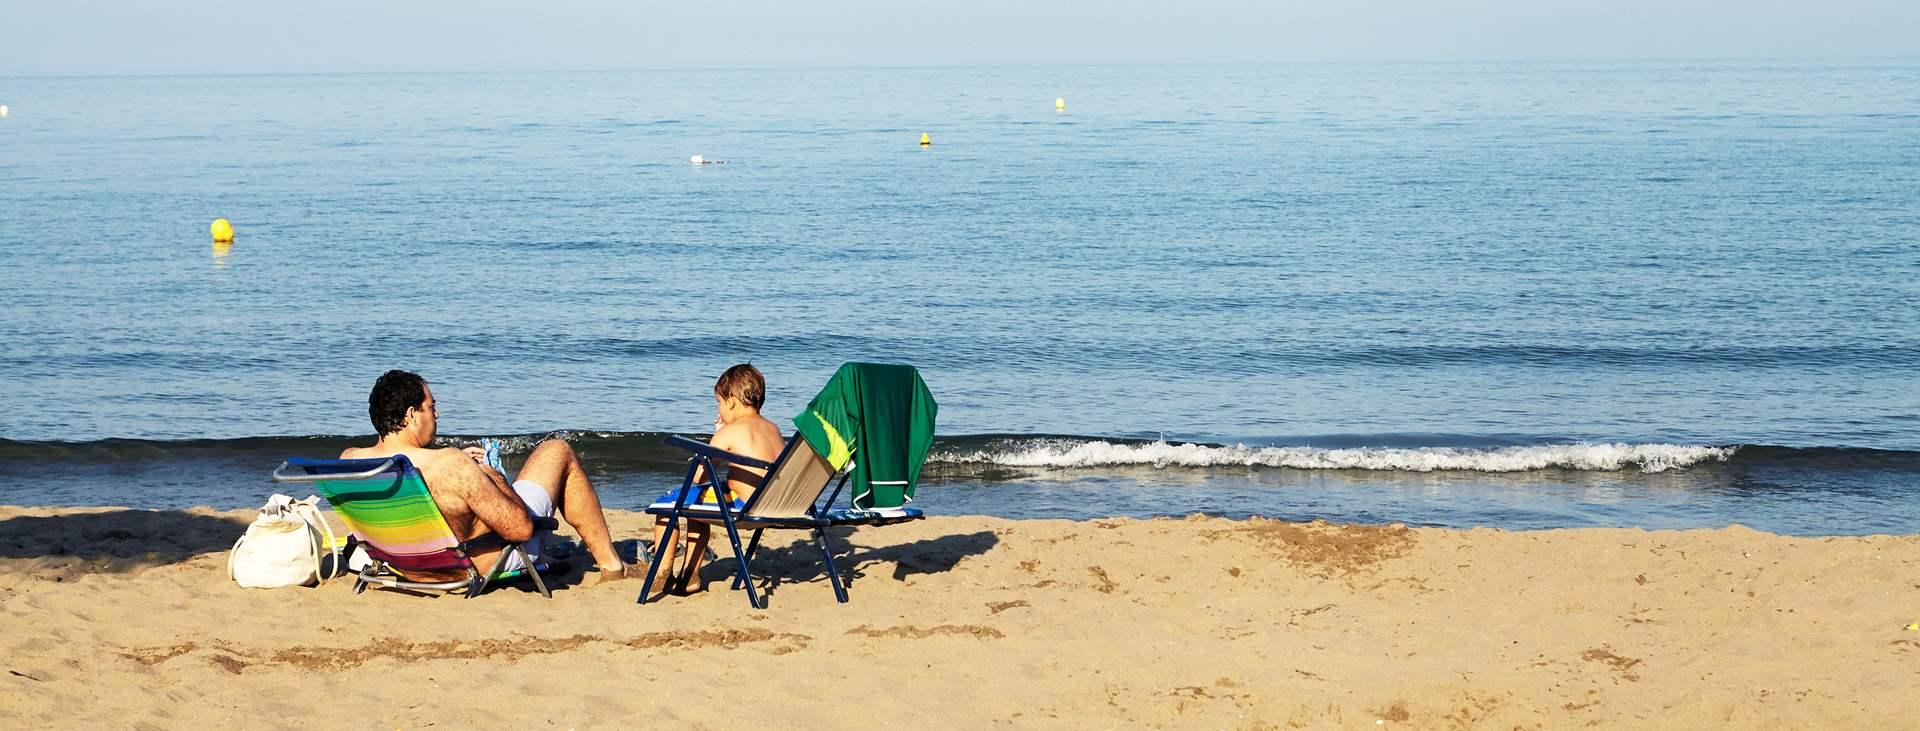 Resor till Santa Susanna på Costa Brava i Spanien